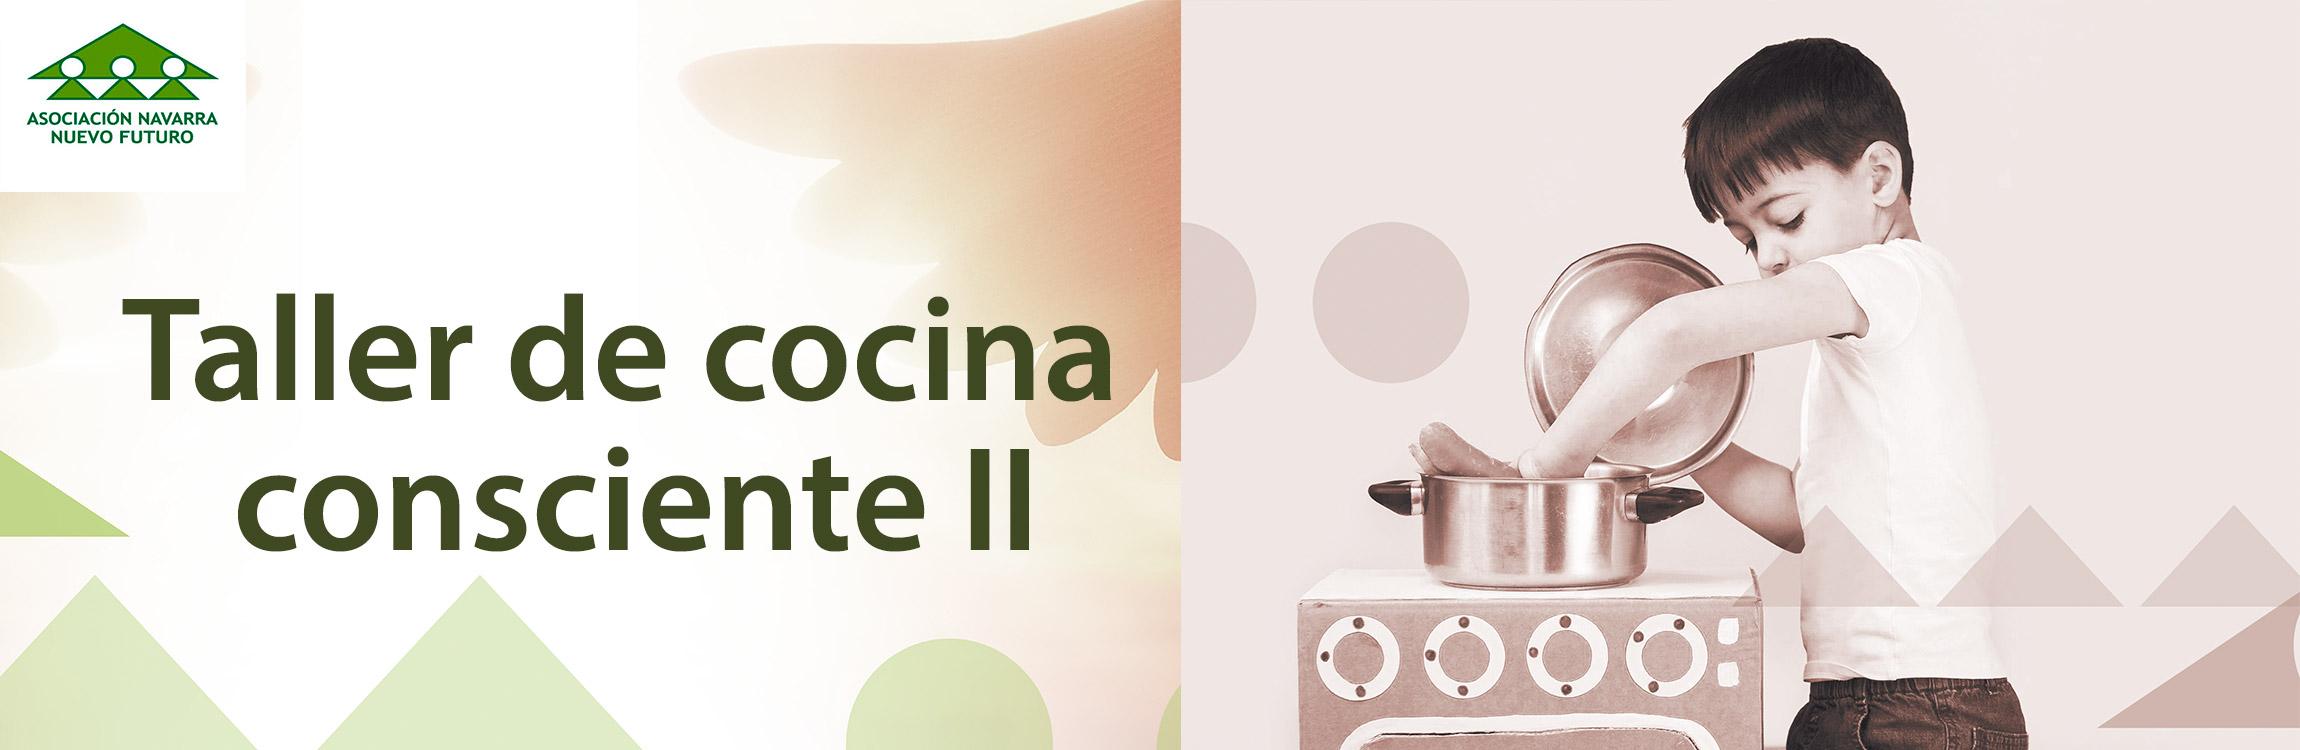 Imagen de la noticia Taller de cocina consciente II